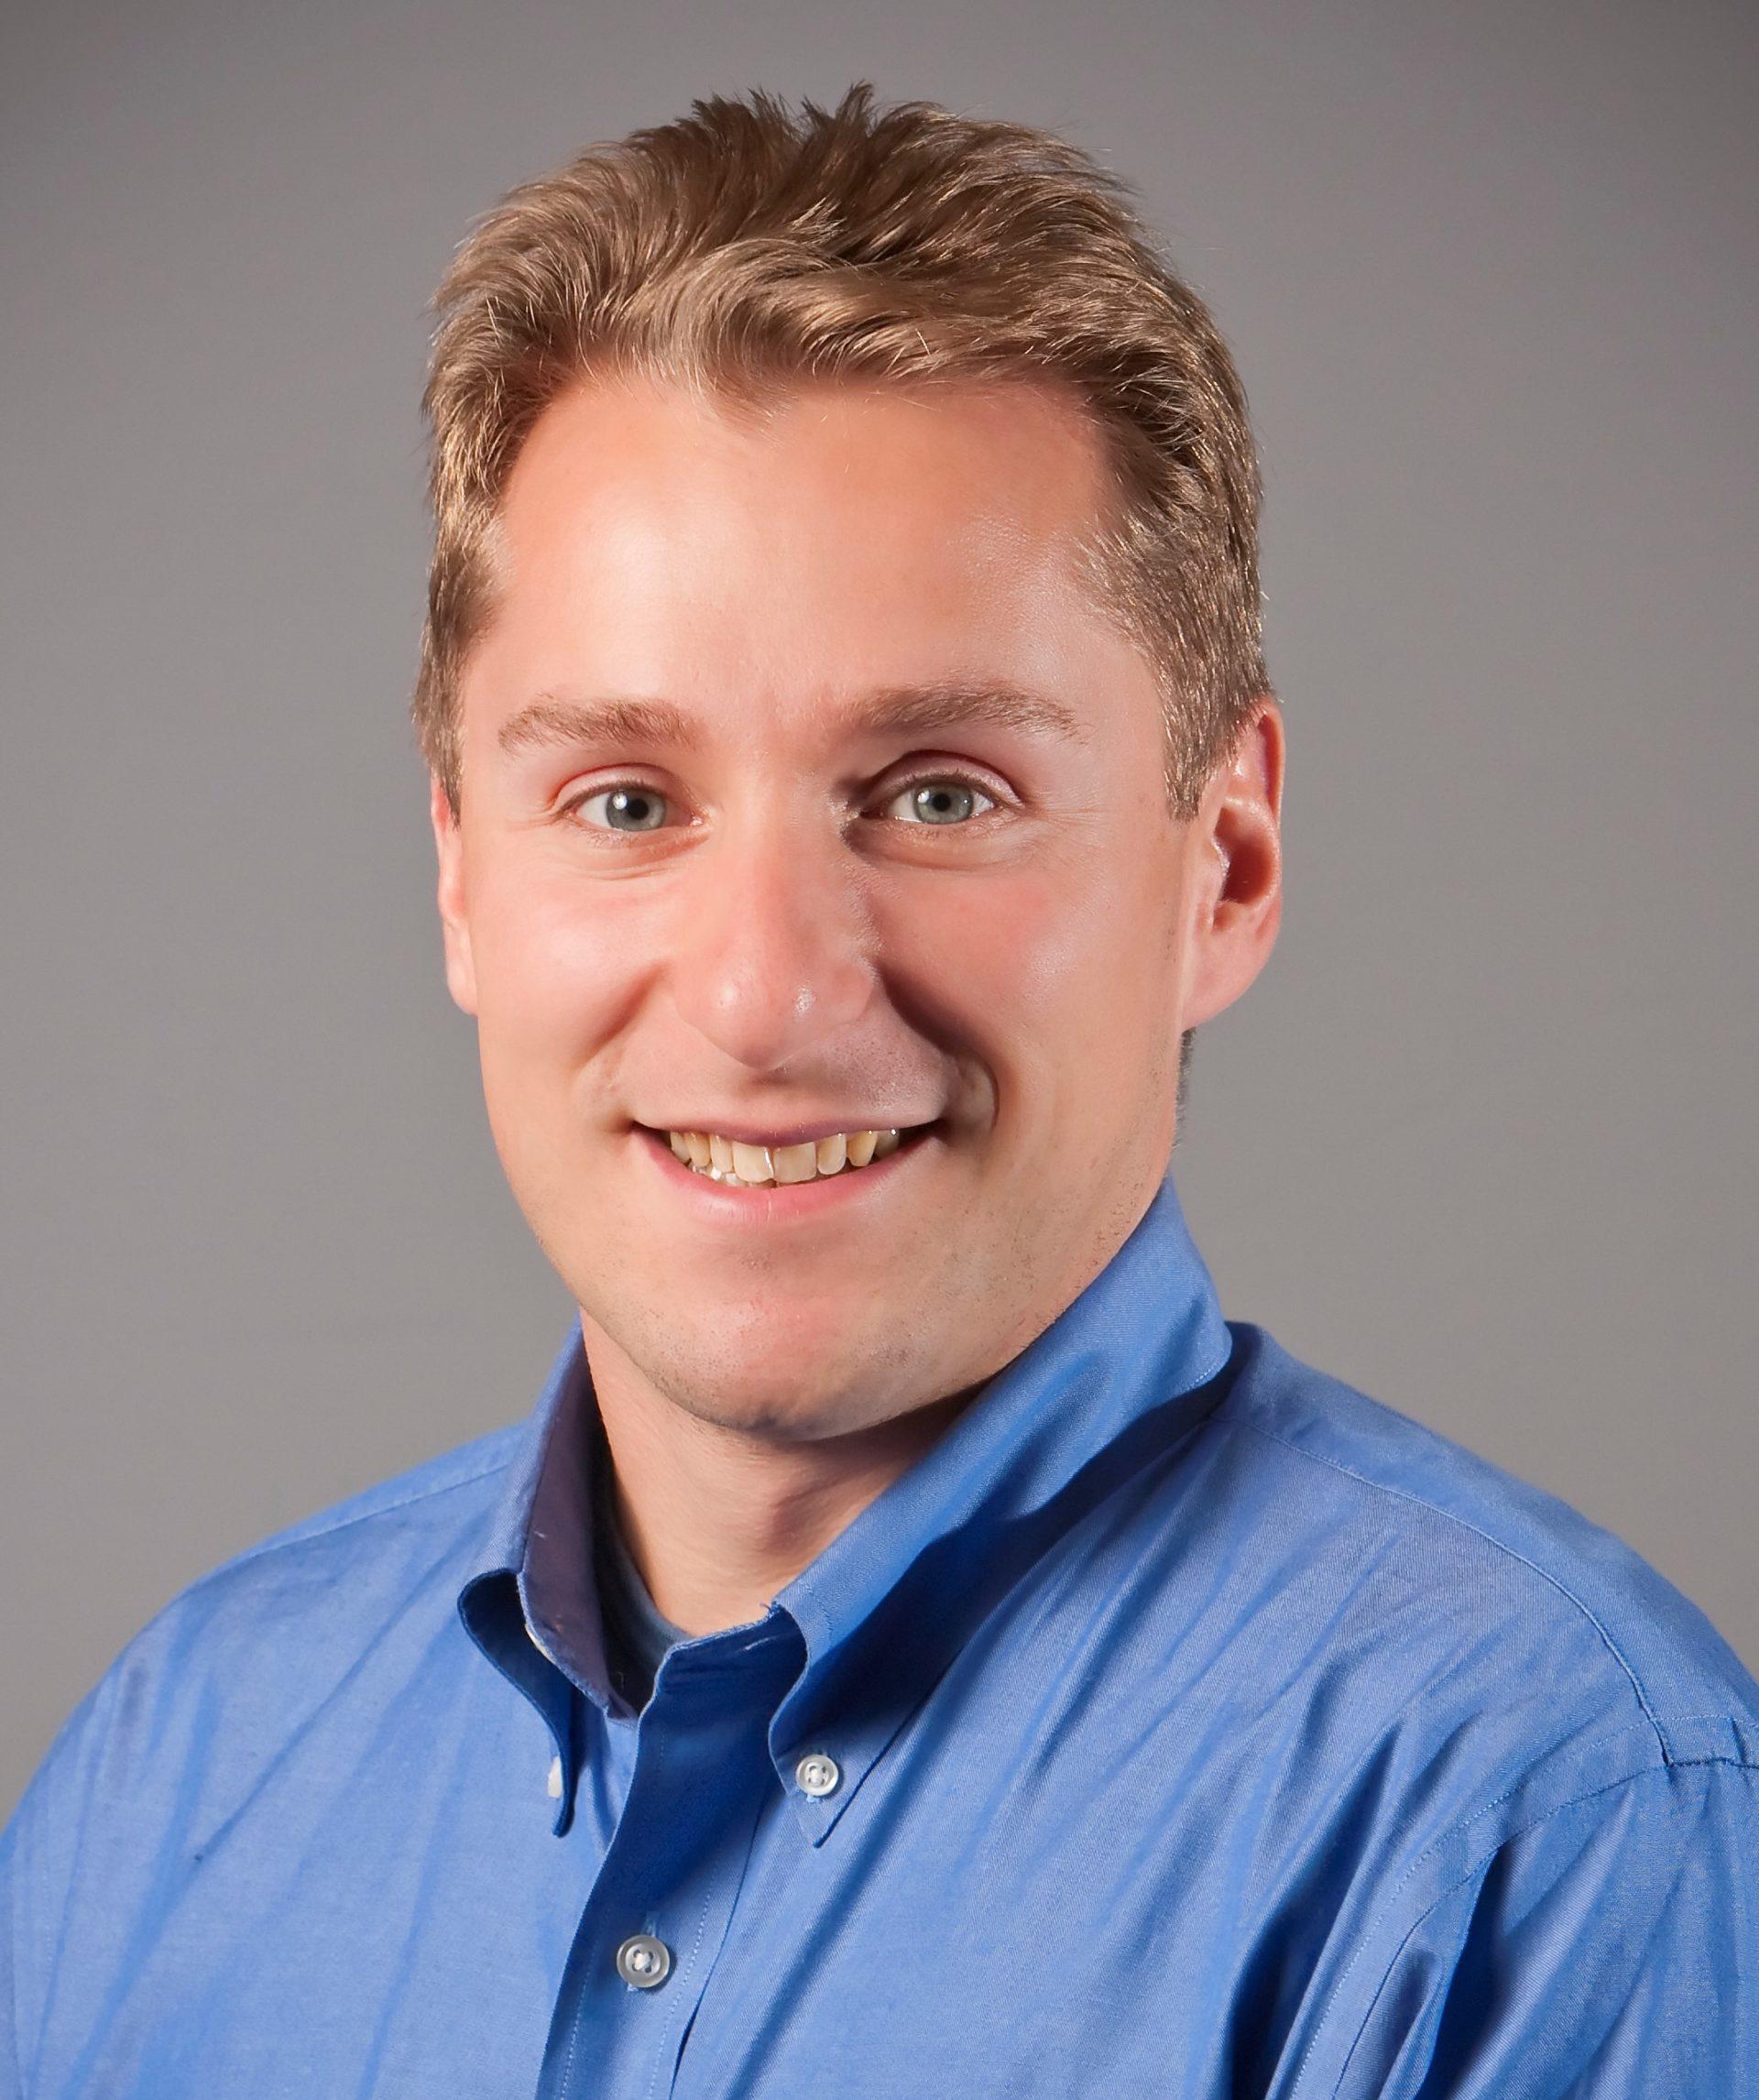 Mark Volchek